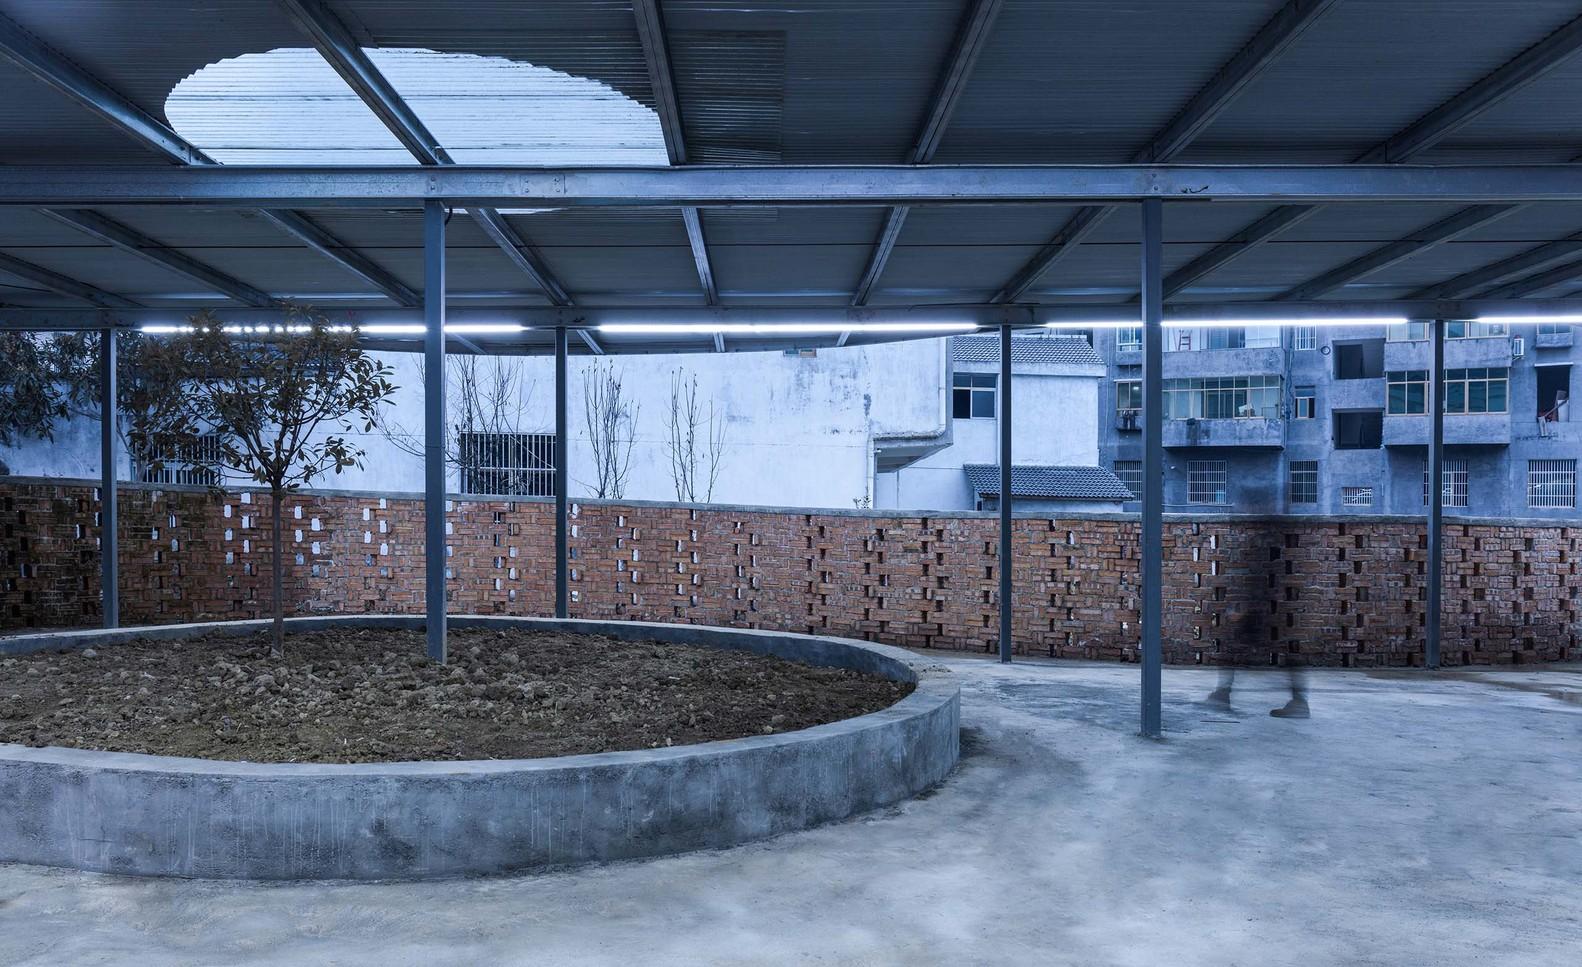 湖北十堰龙坝镇菜市场建筑设计/小写建筑事务所